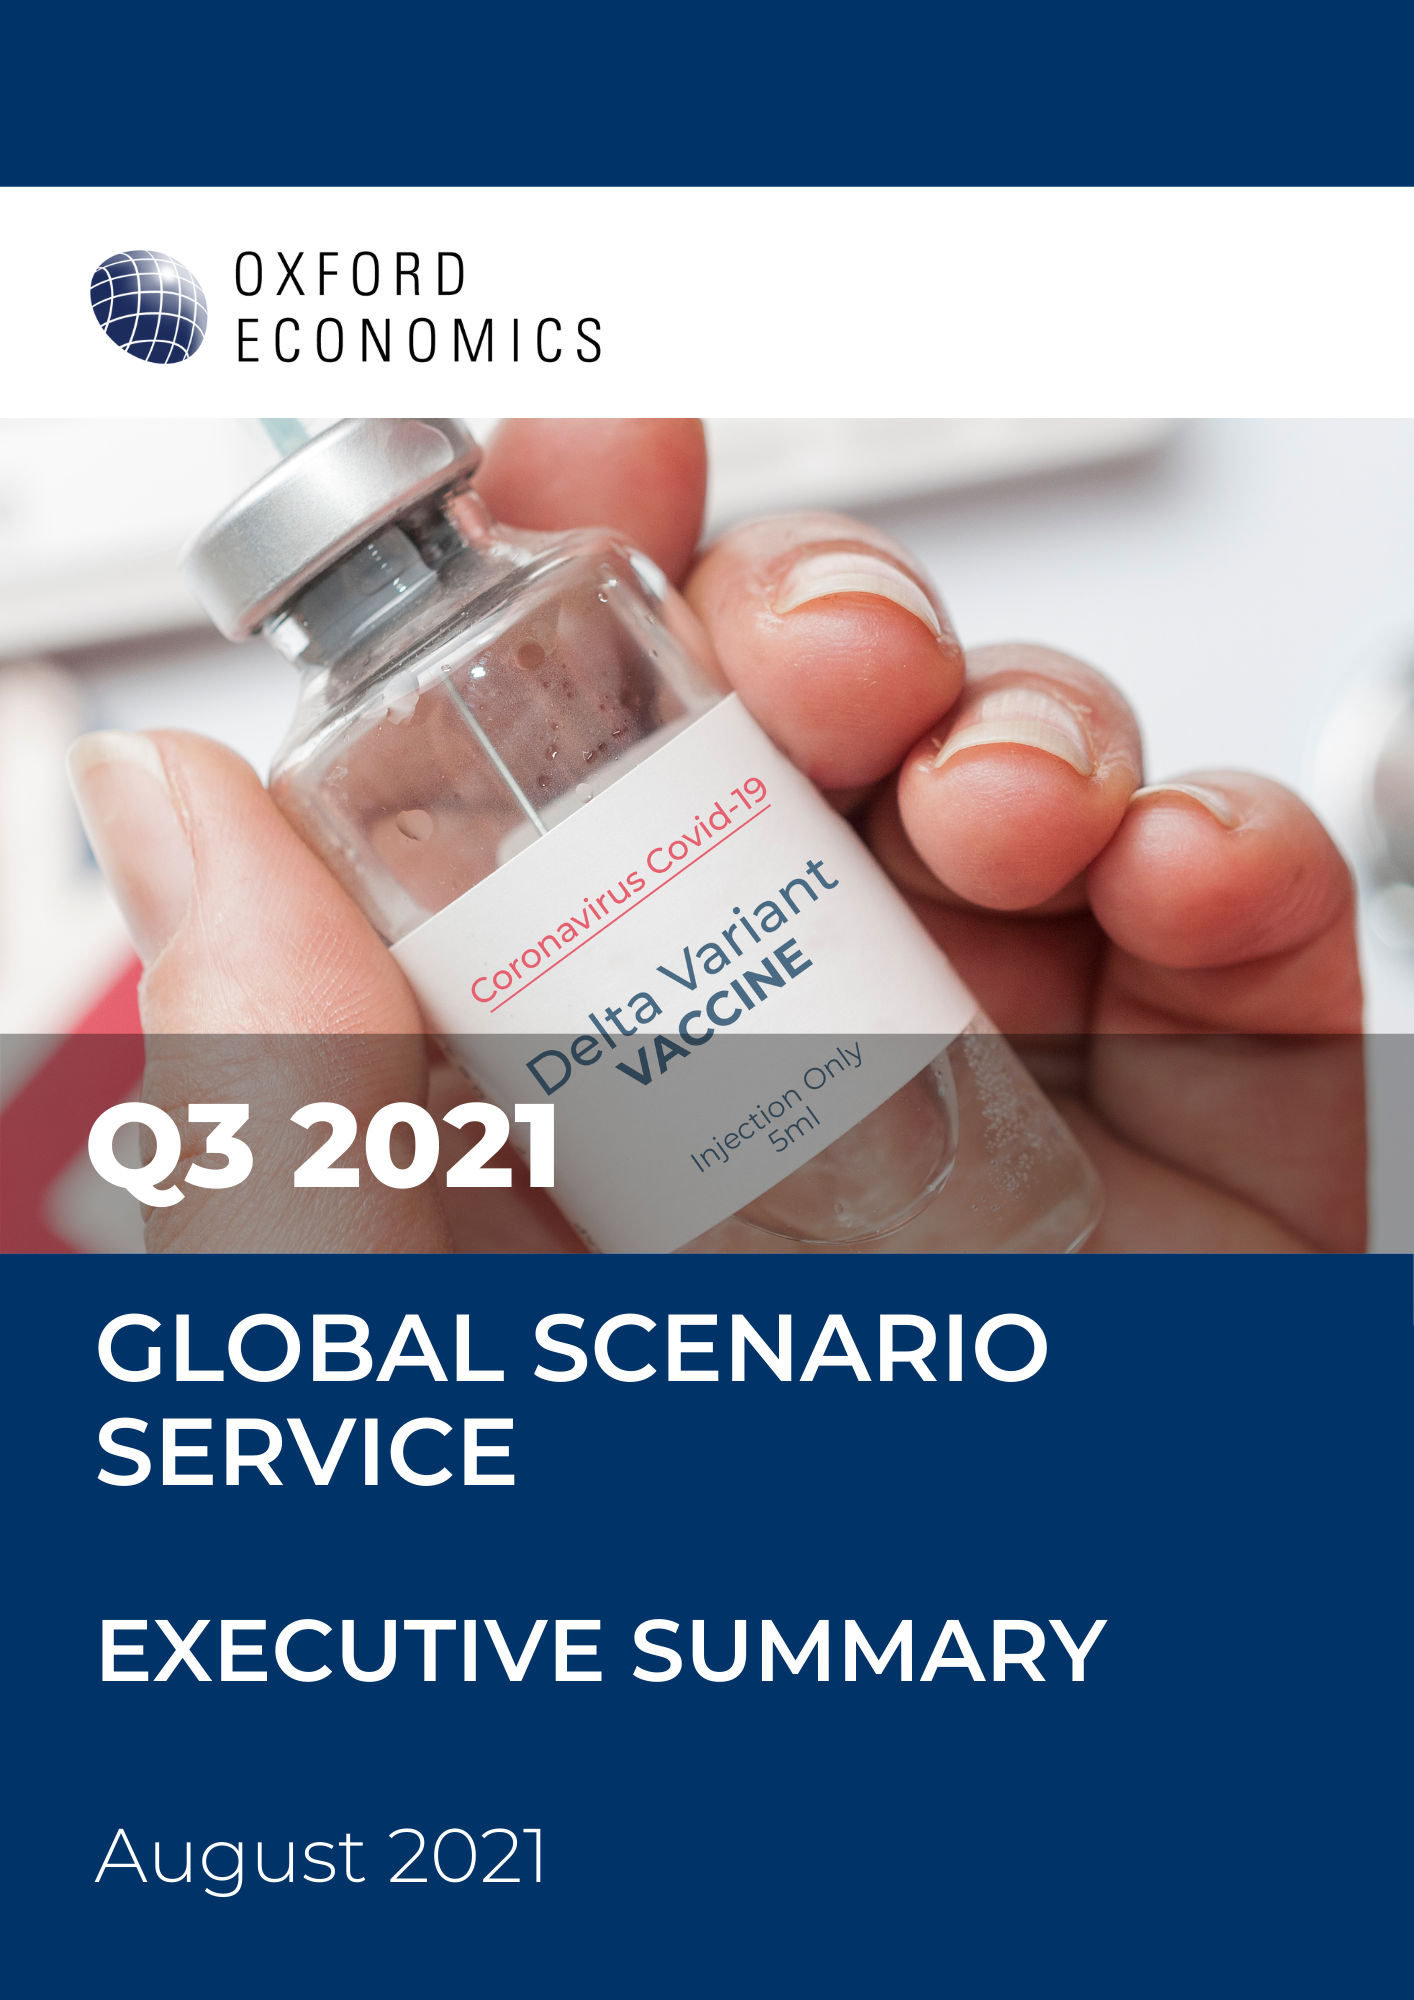 Q3 scenarios cover